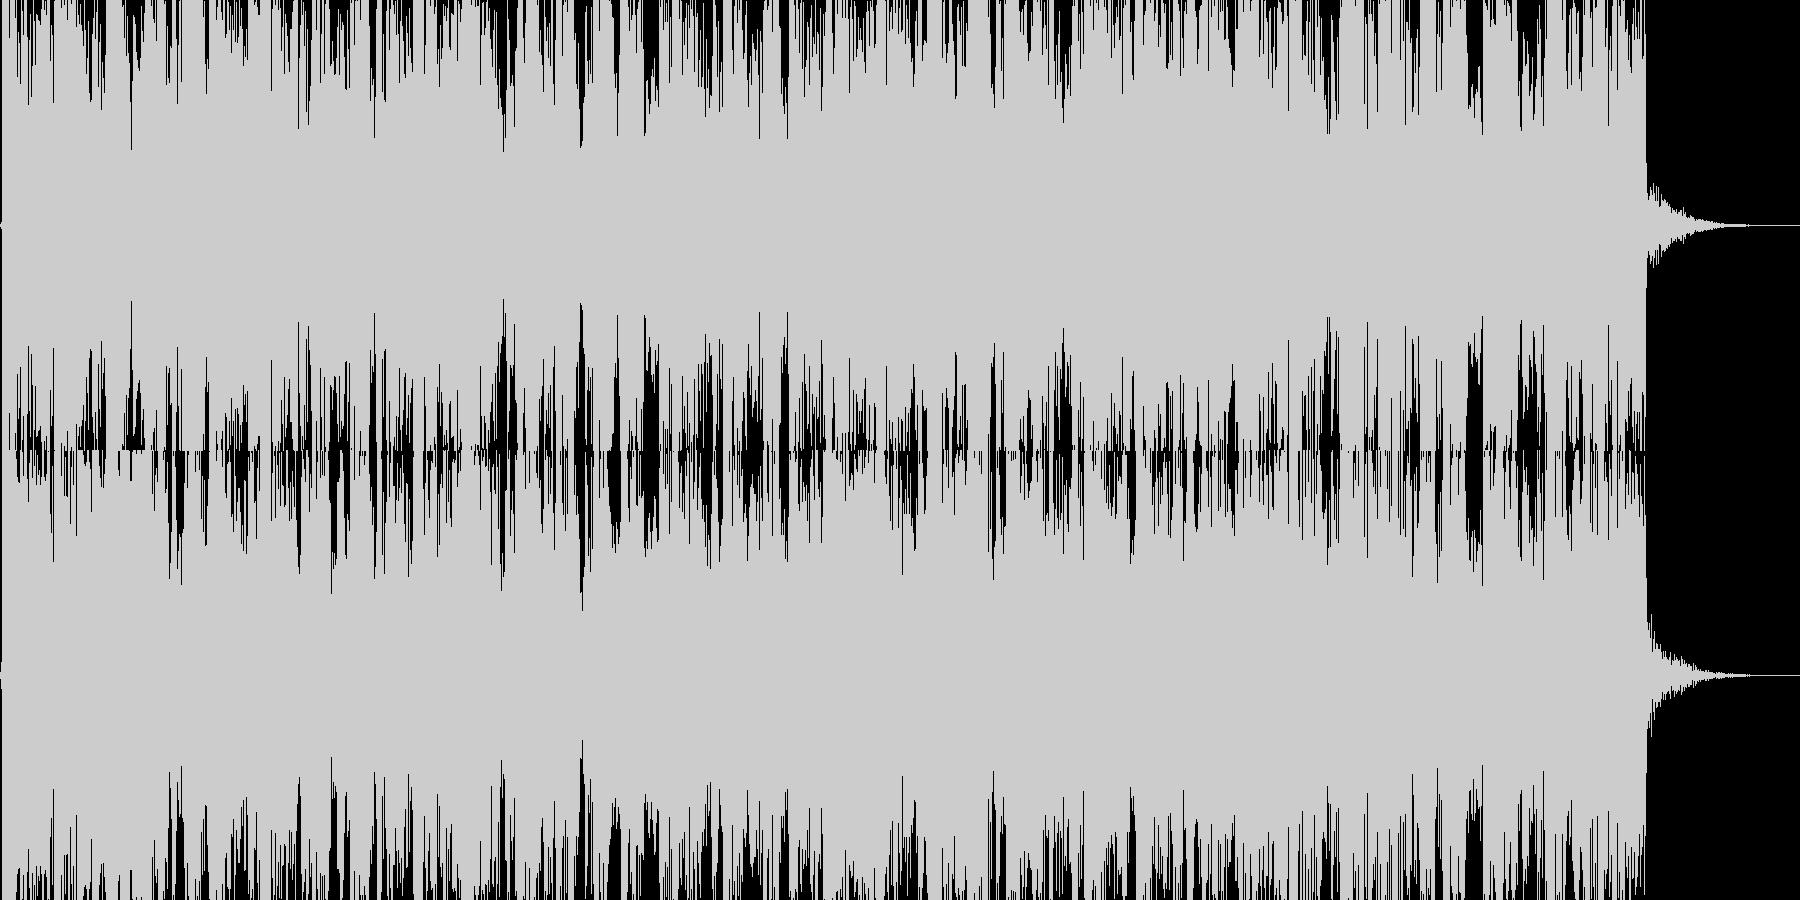 ポジティブなBGMです。の未再生の波形